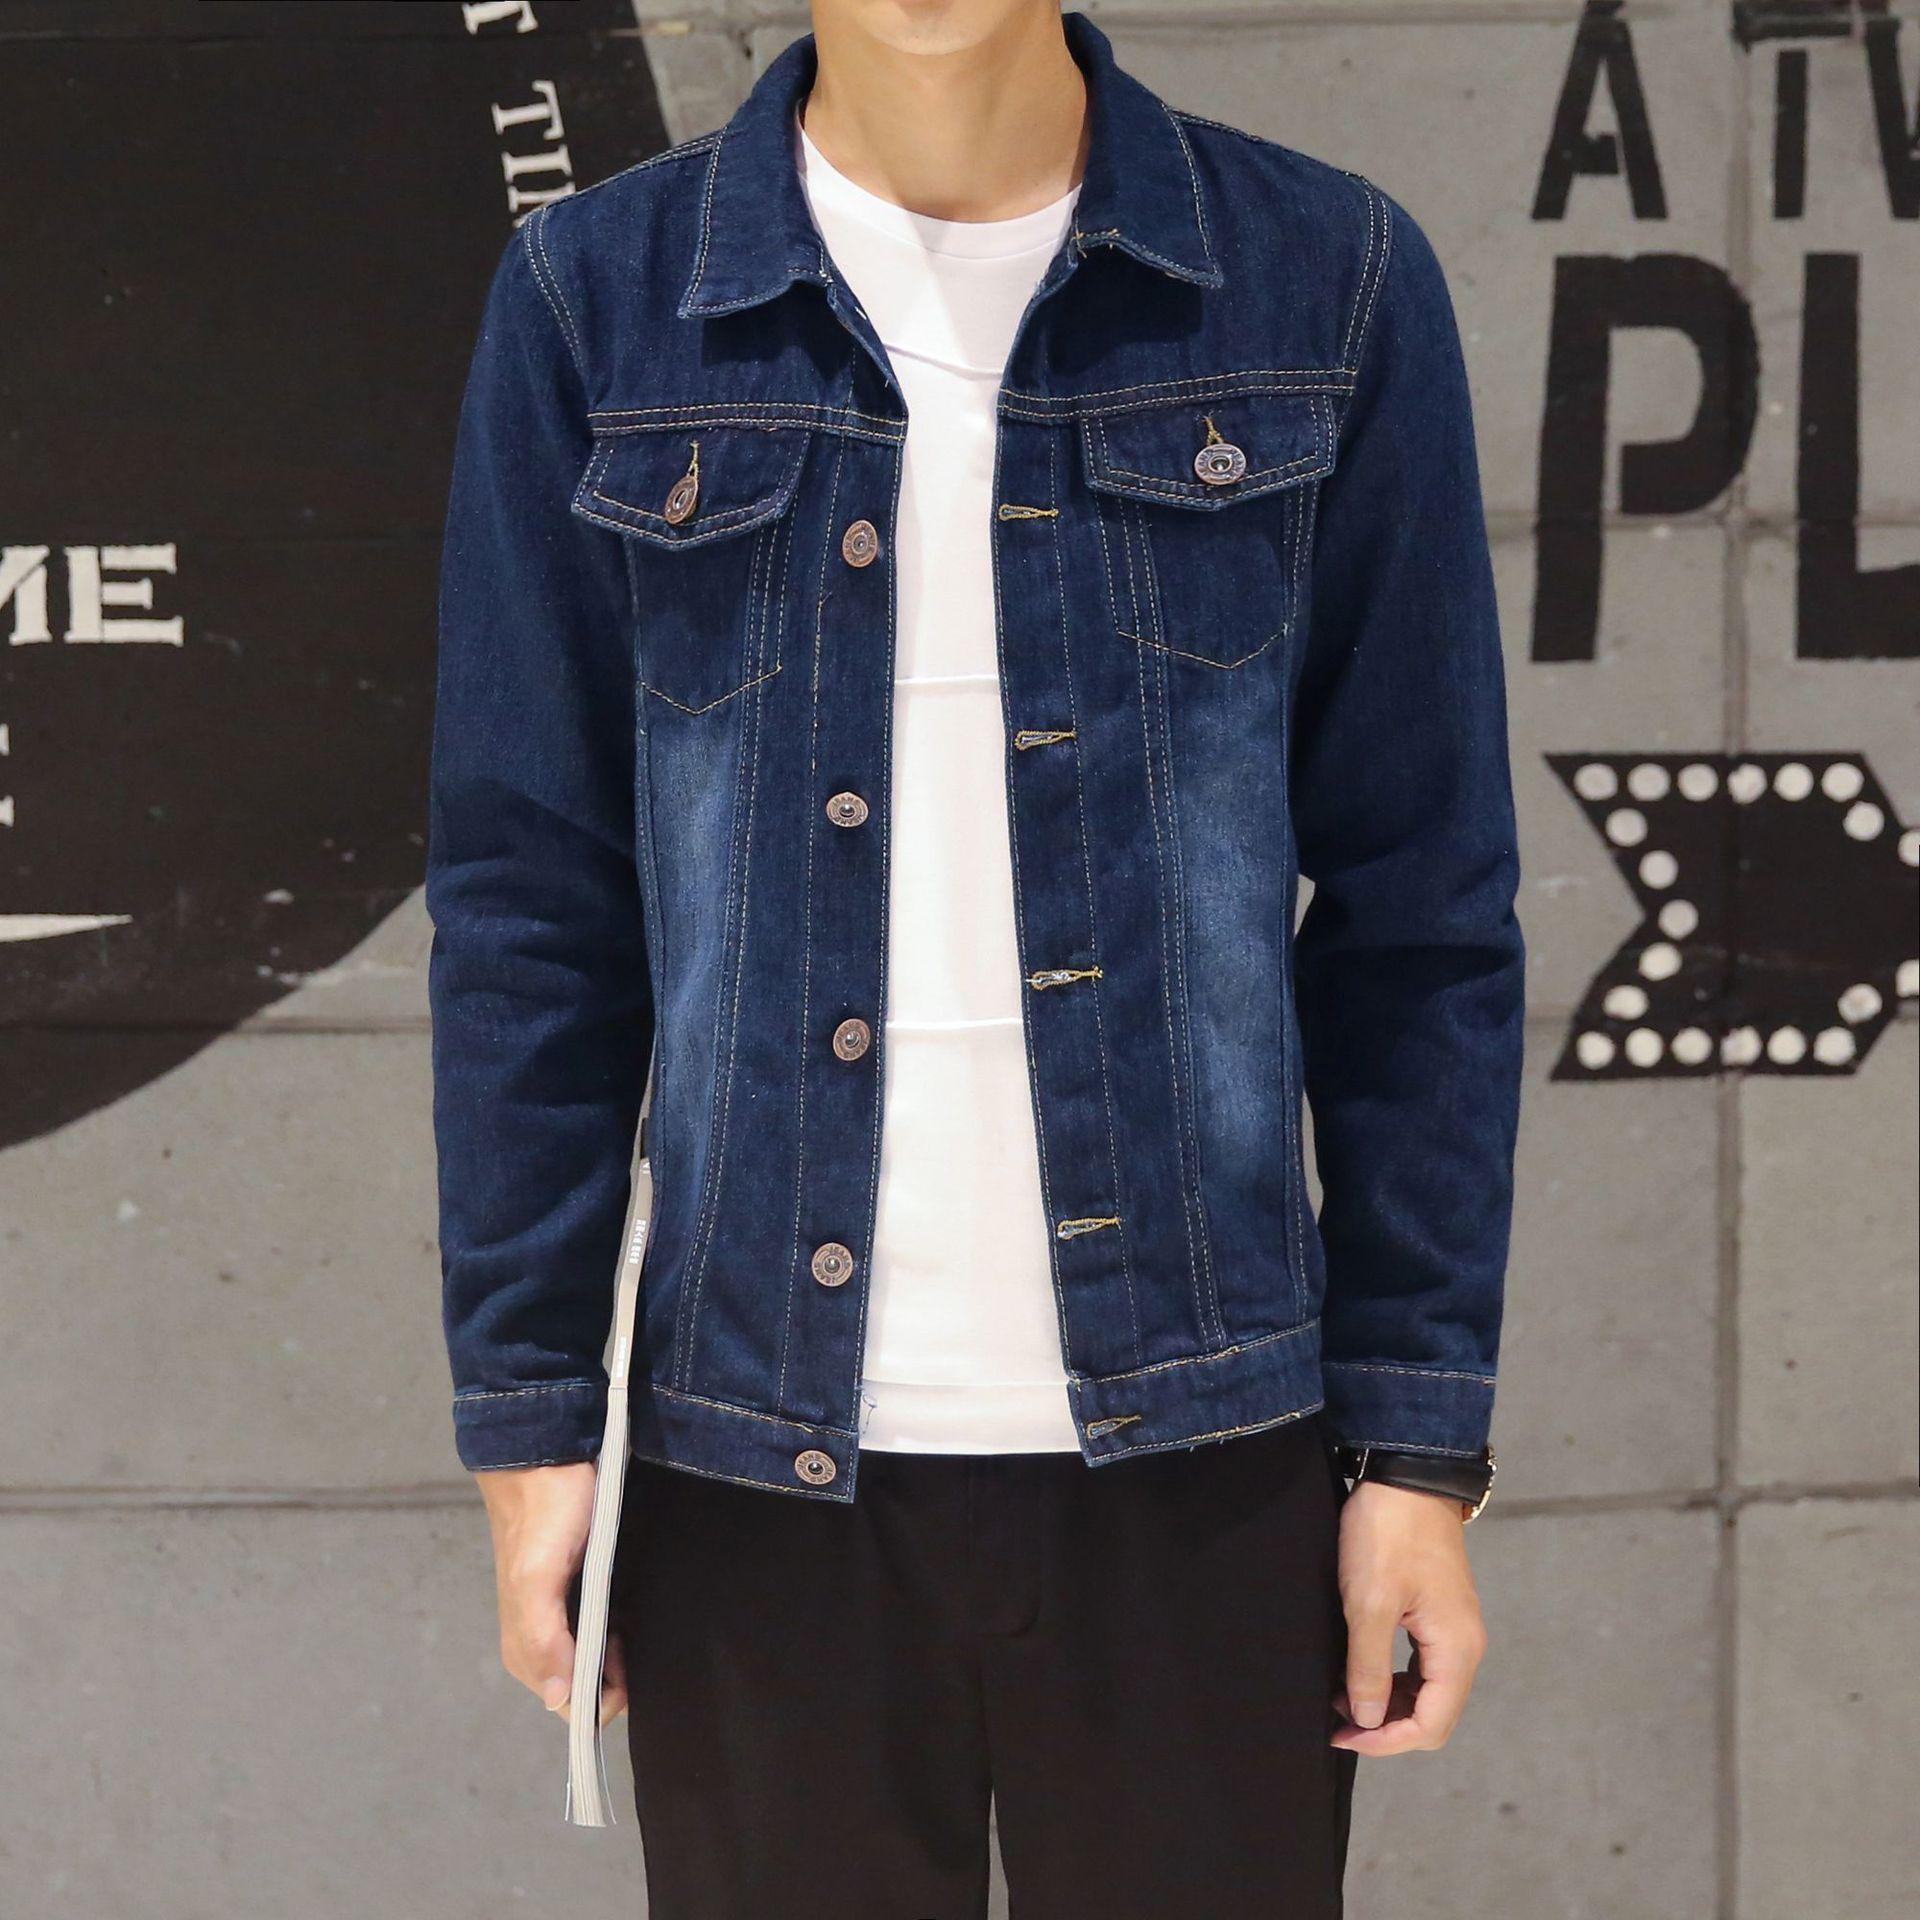 2018新款?#21487;?#28145;色牛仔外套男韩版休闲时尚修身青少年长袖夹克上衣